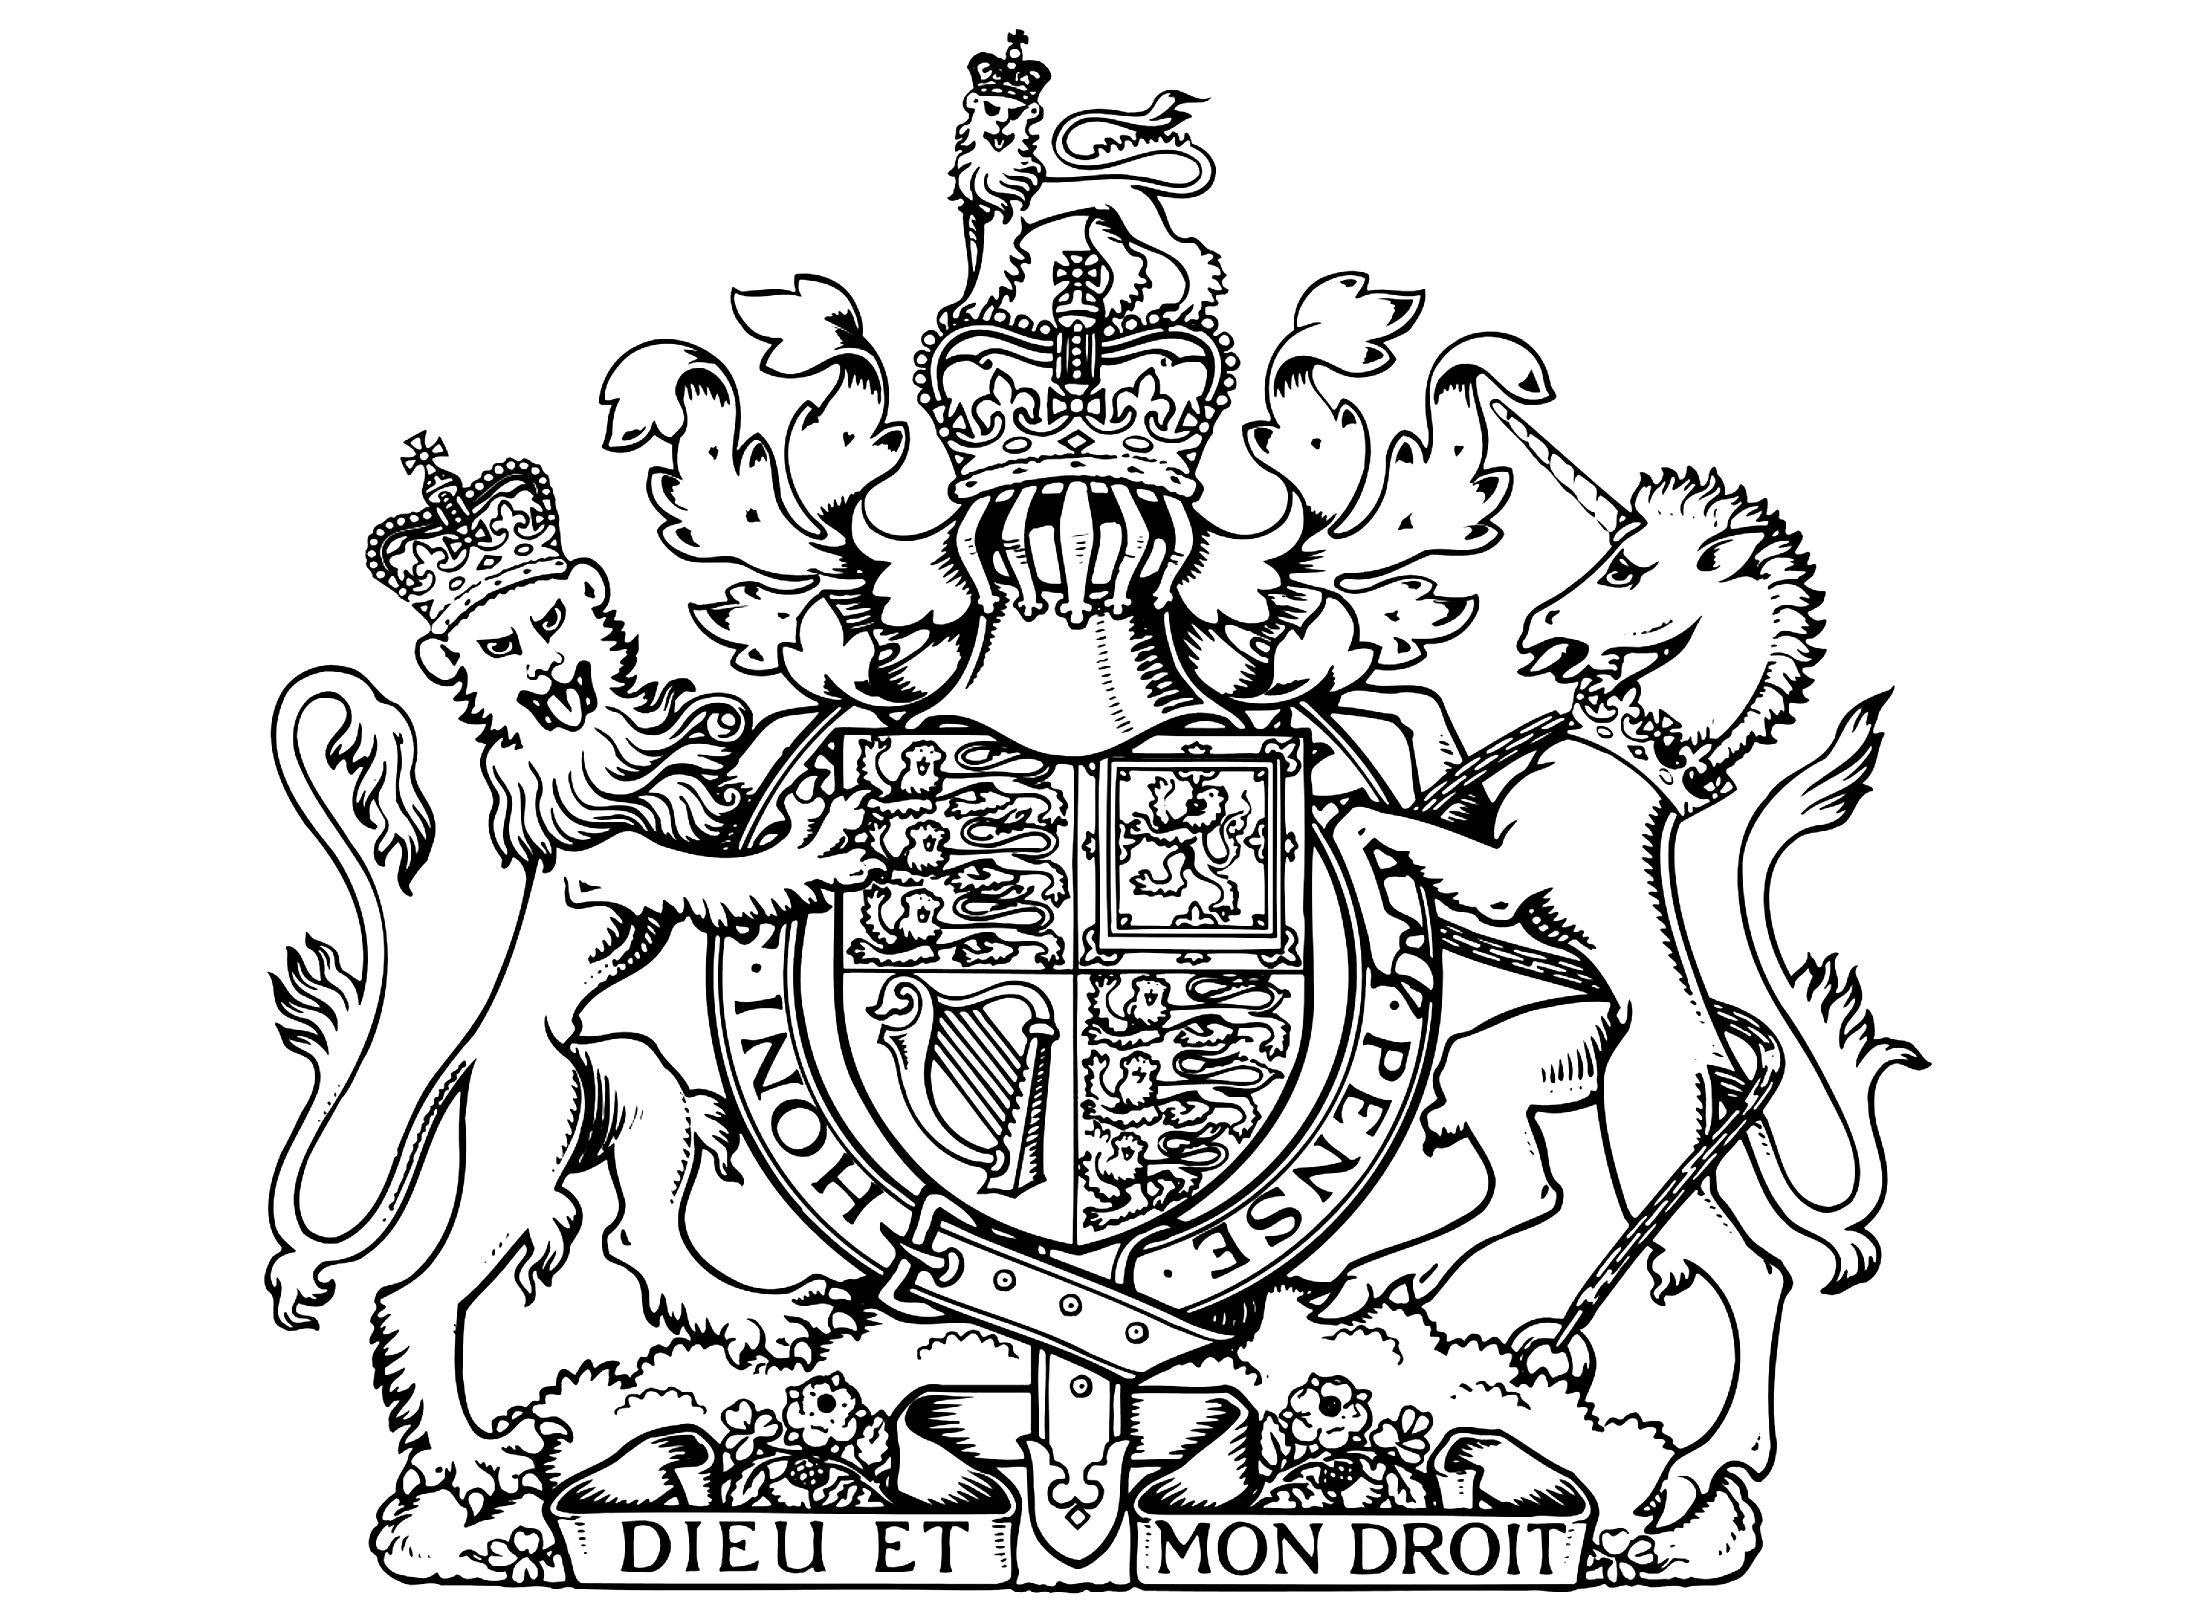 Les Armoiries royales du Royaume uni, avec la devise 'Dieu et mon droit'